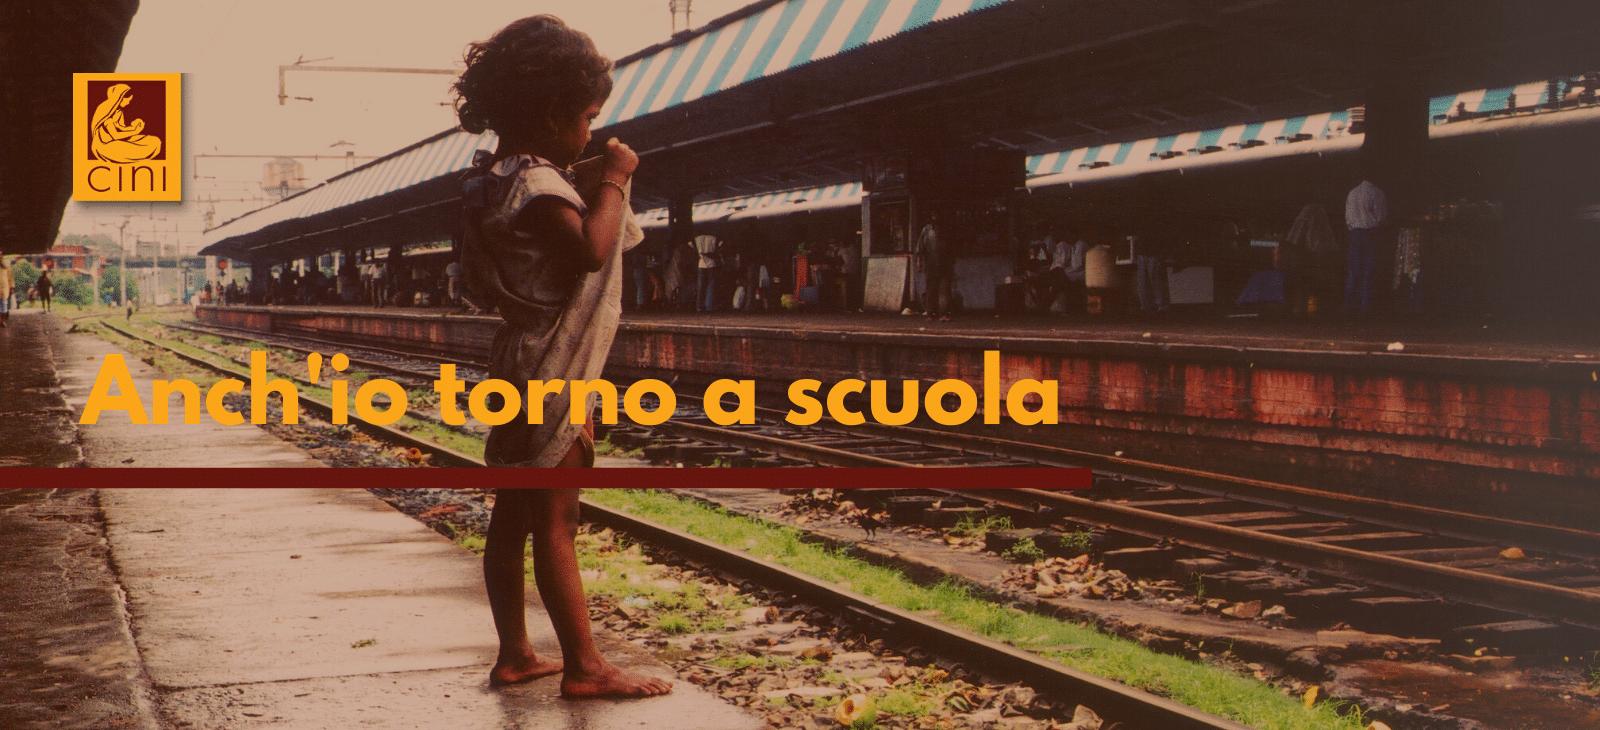 img page sito cini italia india anch'io torno a scuola